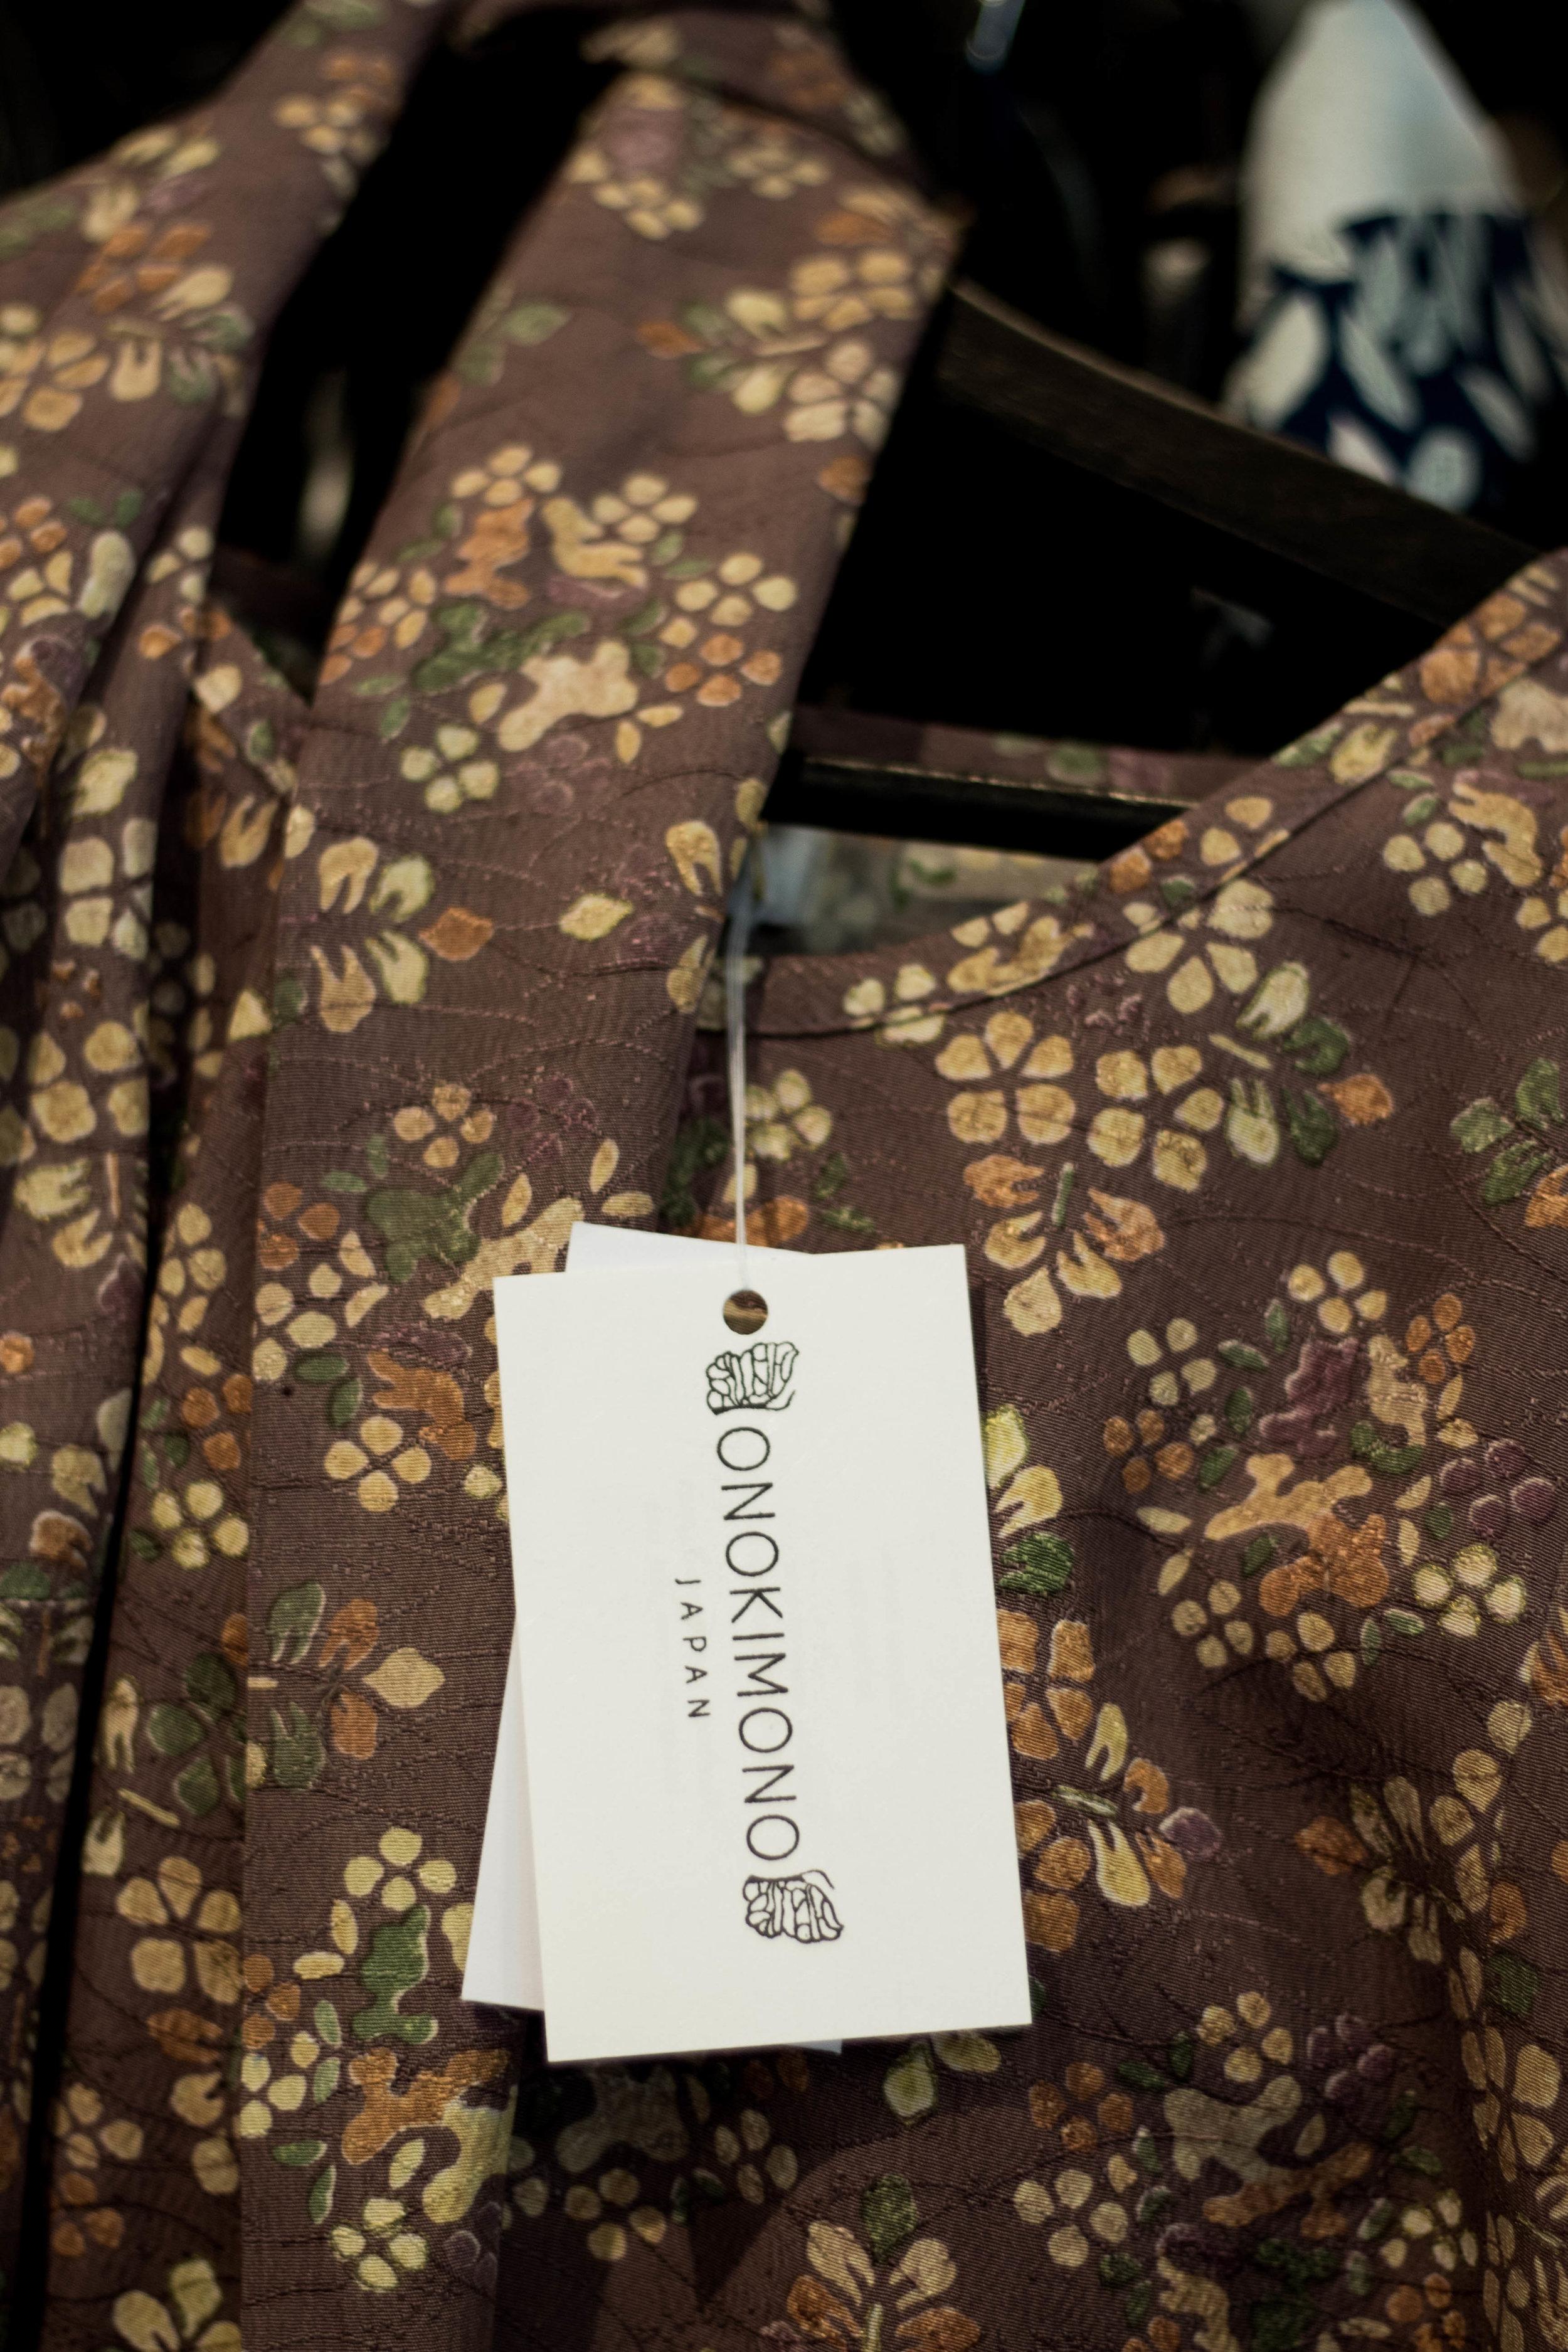 Onokimono är ett japanskt märke som återanvänder gamla kimonos och gör nya plagg av.